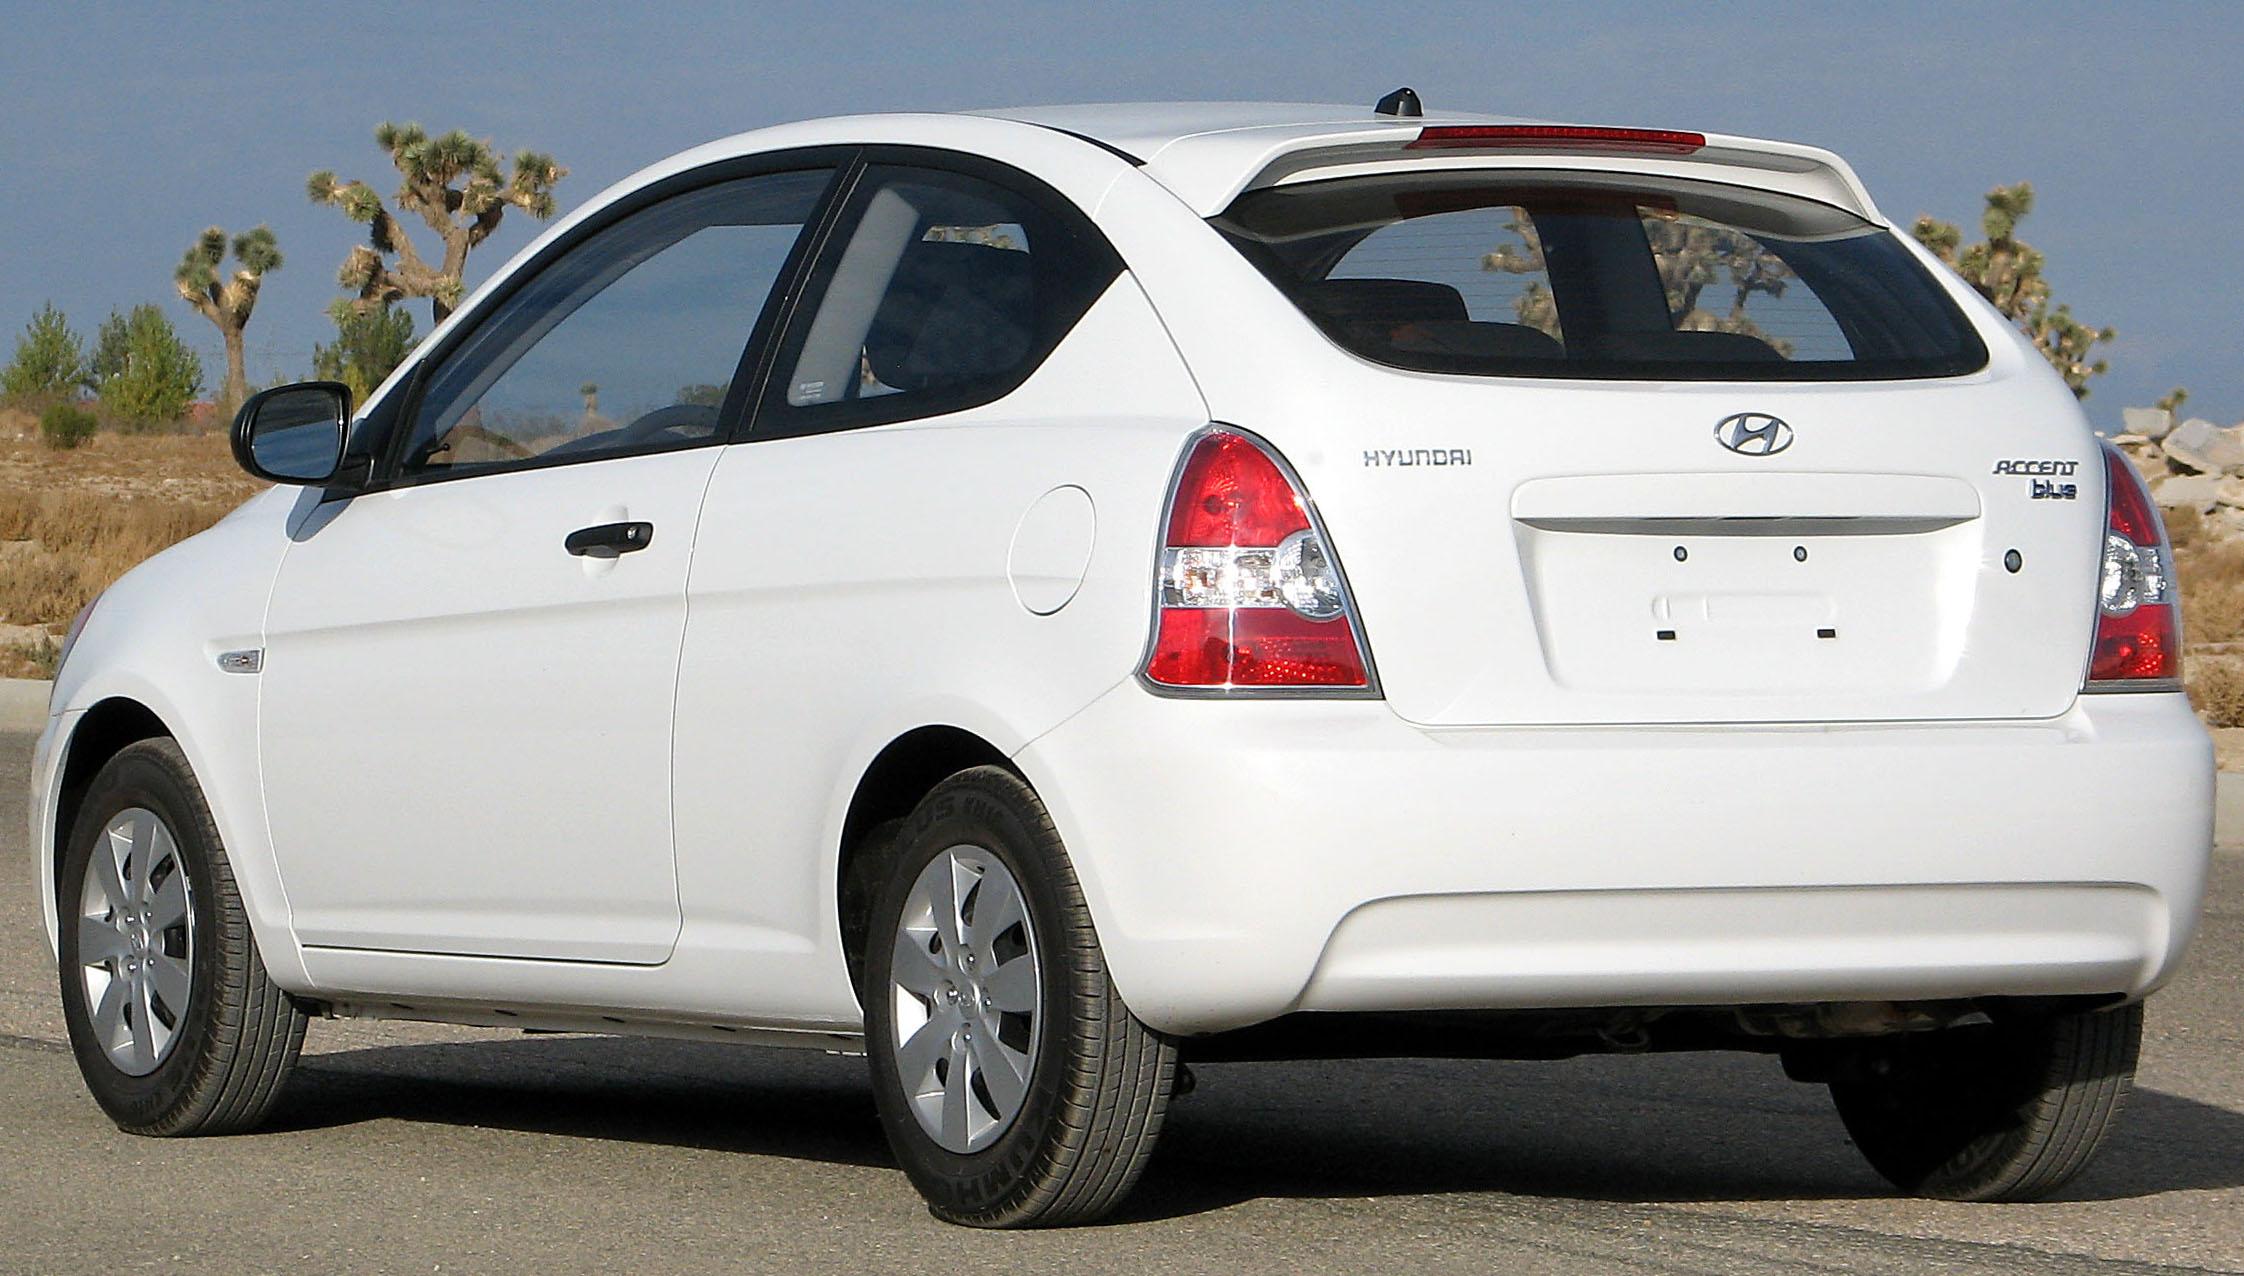 File2010 Hyundai Accent Blue hatch  NHTSA rearjpg  Wikimedia